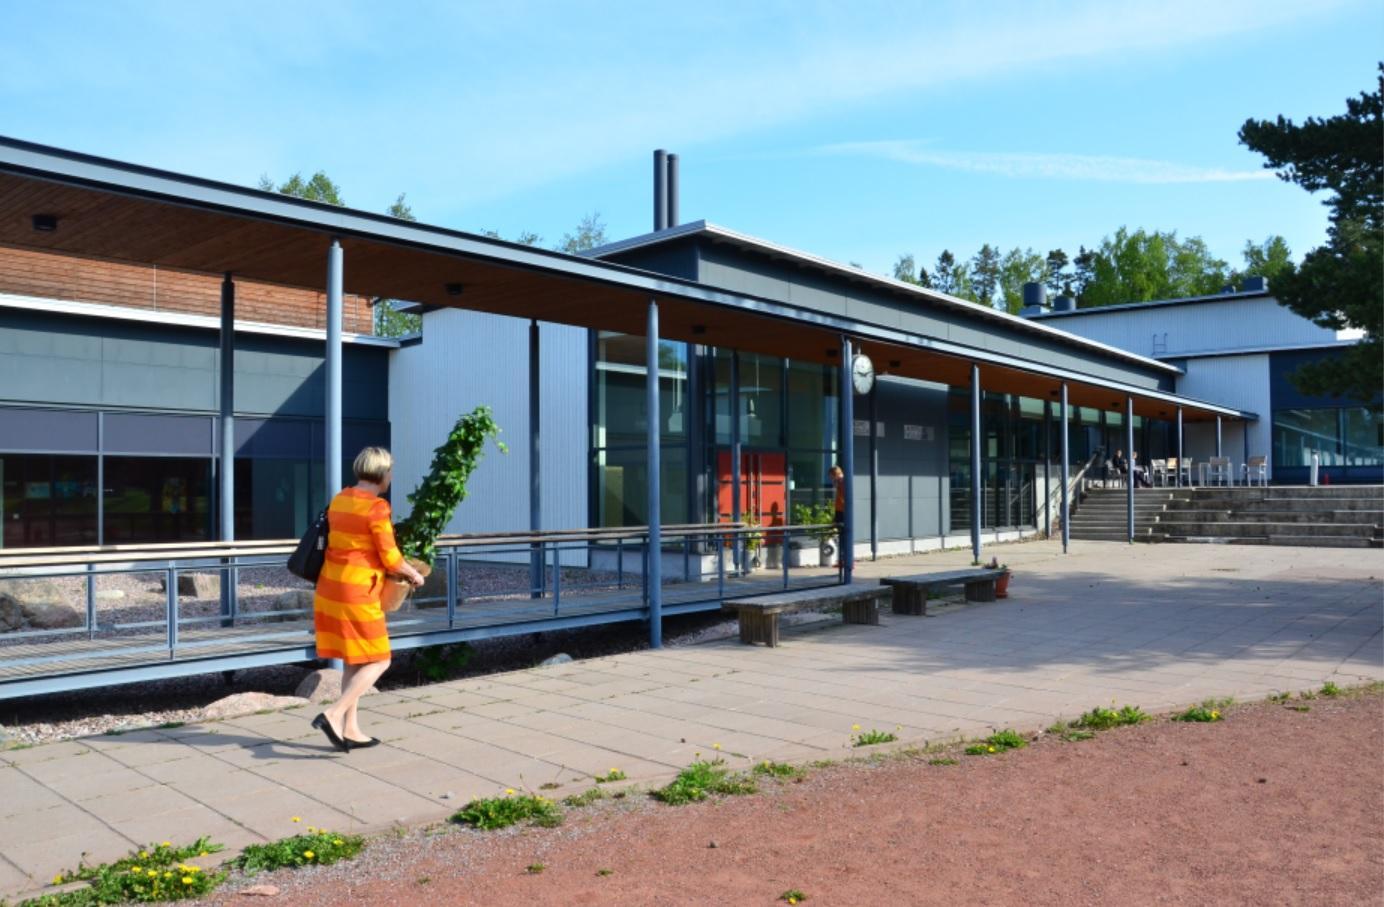 Föräldrar är oroliga över mikrober i Skärgårdshavets skola. ÅU-foto